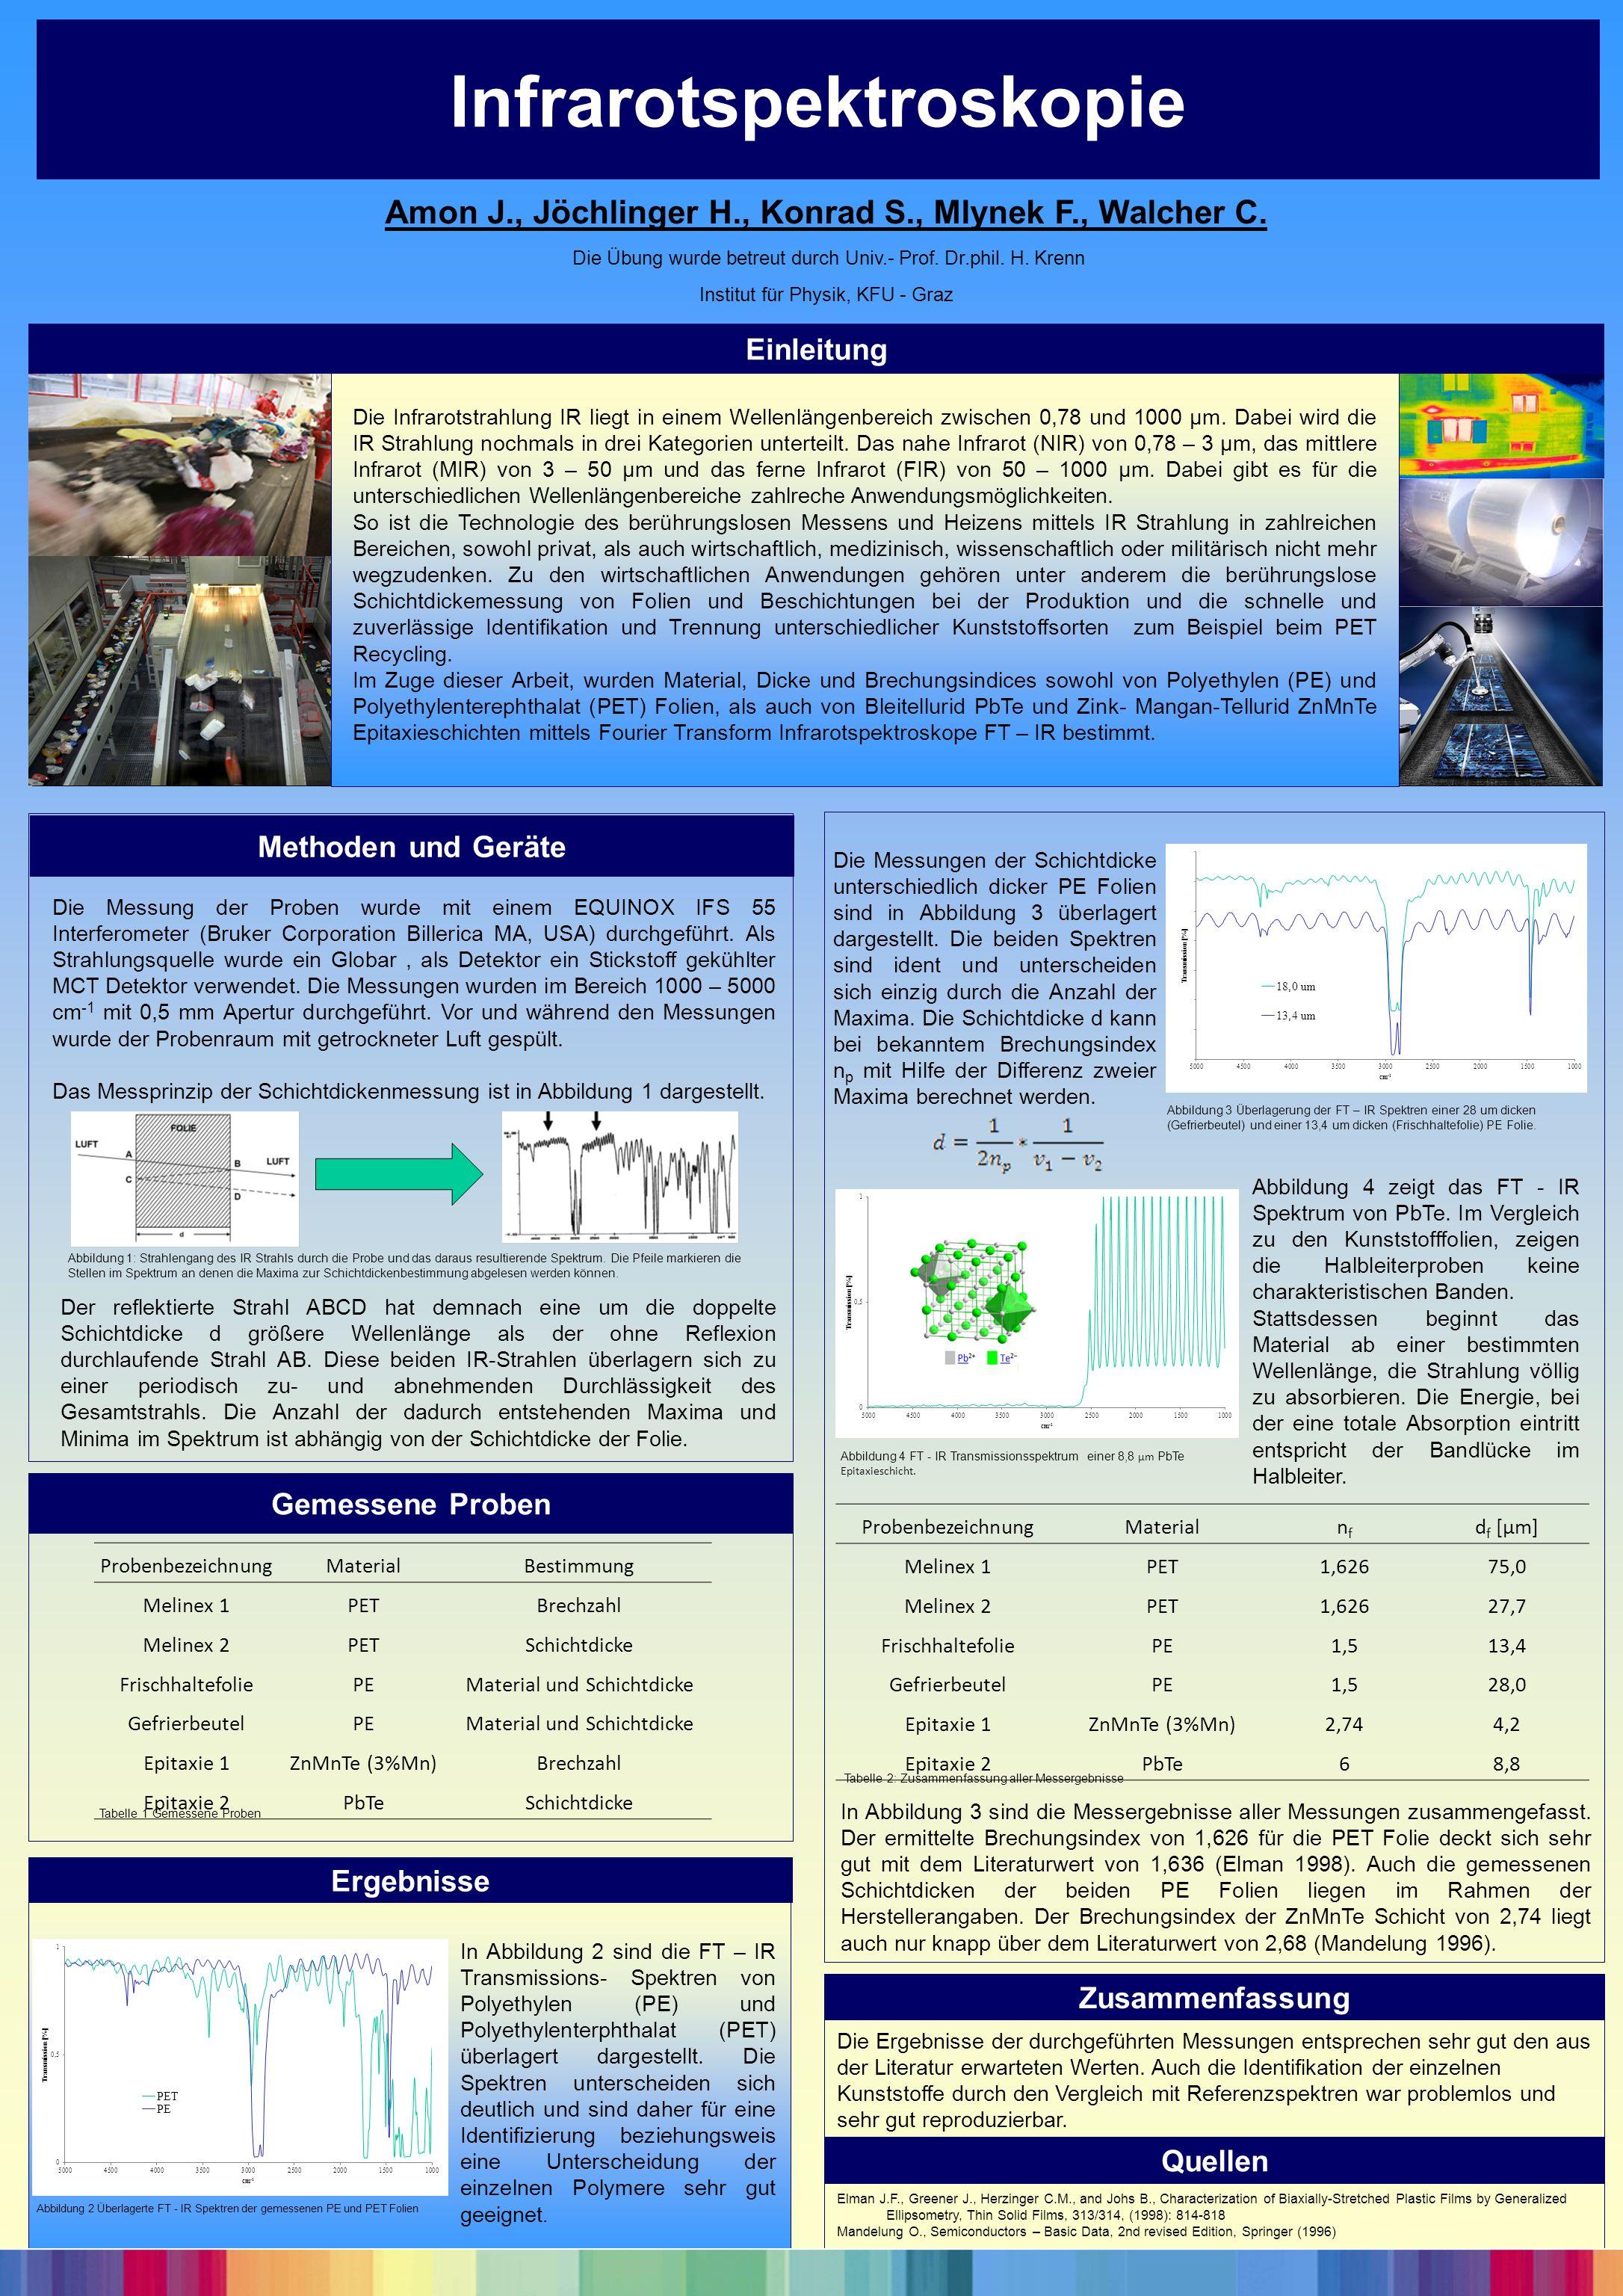 Infrarotspektroskopie Methoden und Geräte Ergebnisse Zusammenfassung Die Messung der Proben wurde mit einem EQUINOX IFS 55 Interferometer (Bruker Corp